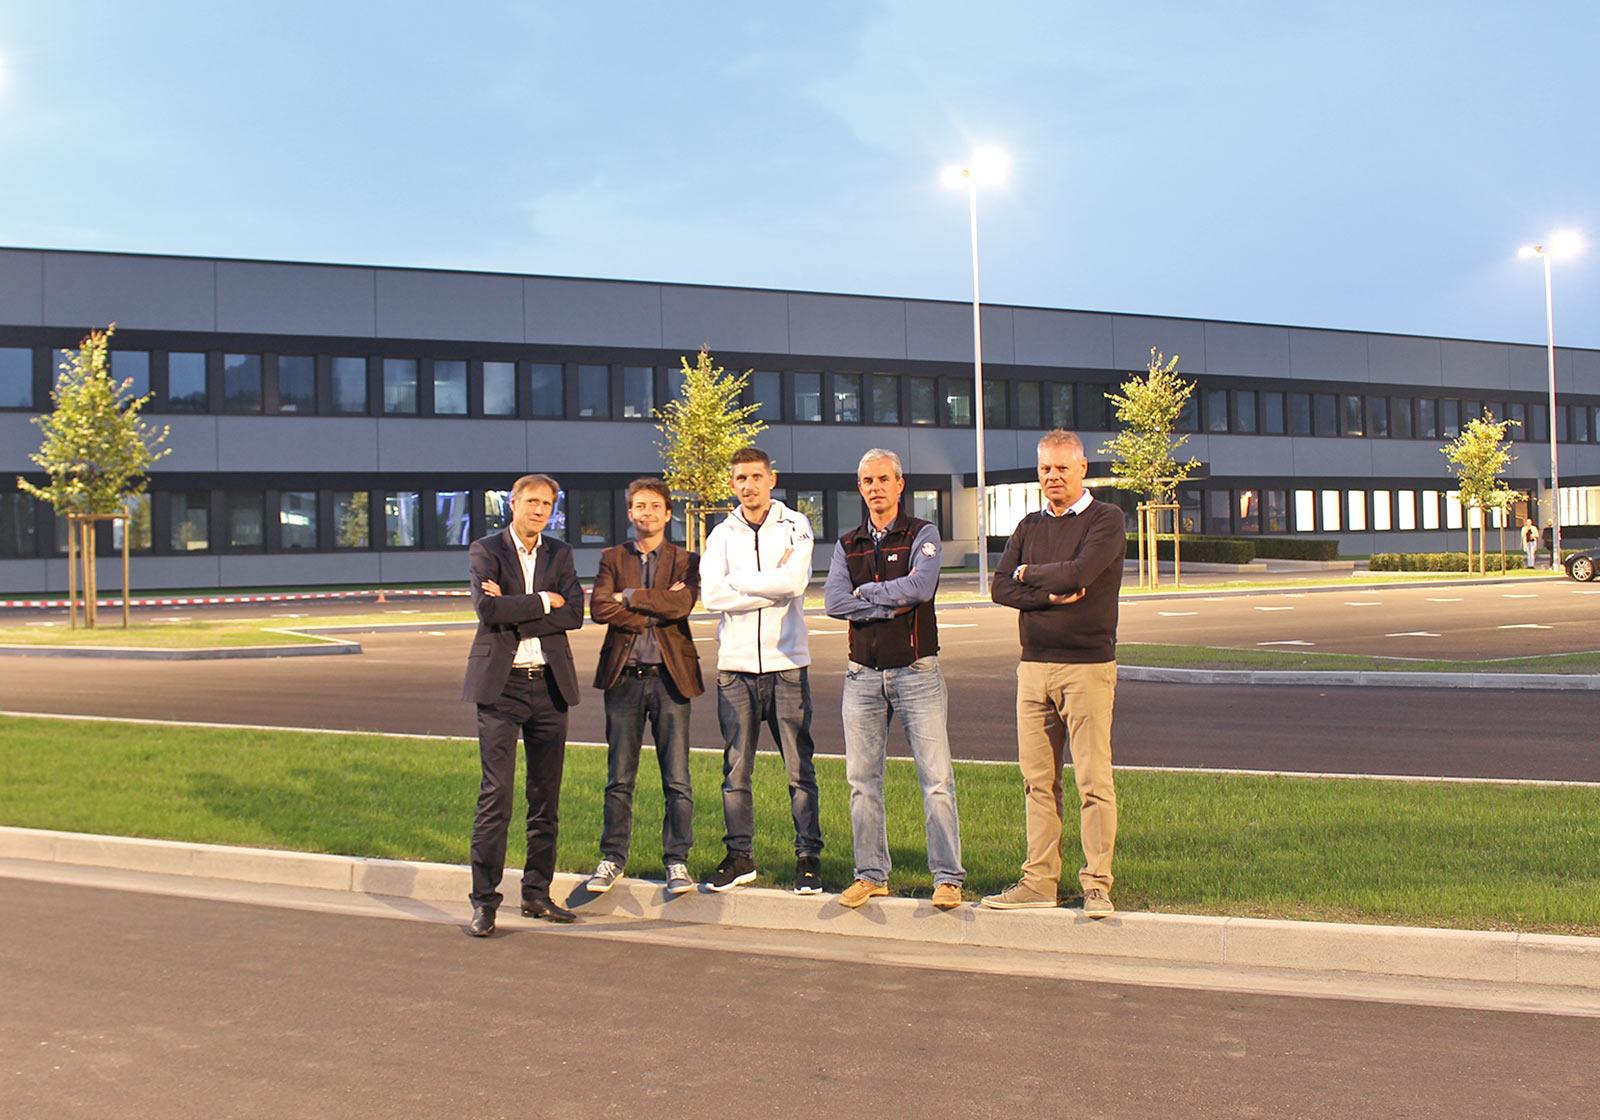 The project team from left: Peter Oberhuber, Albert Kompatscher, Stefan Plattner, Gerhard Zangerl, Emmerich Pircher. Photo: ATP